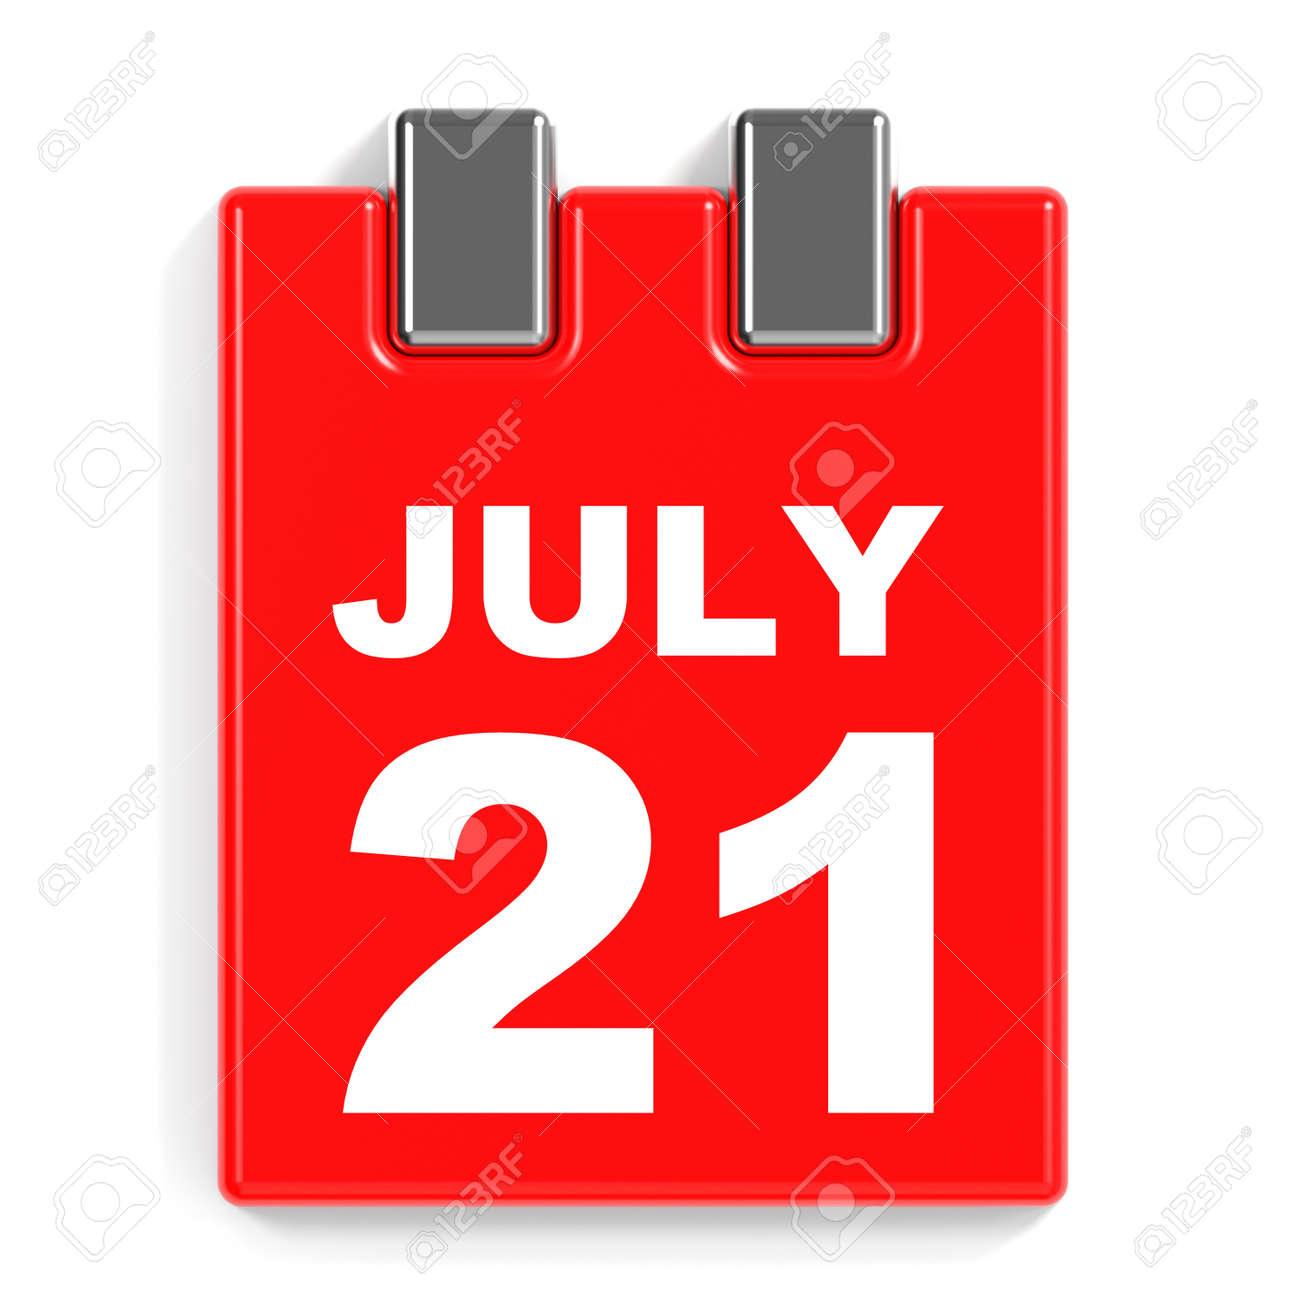 7 月 21 日 白い背景のカレンダーです 3 D イラスト の写真素材 画像素材 Image